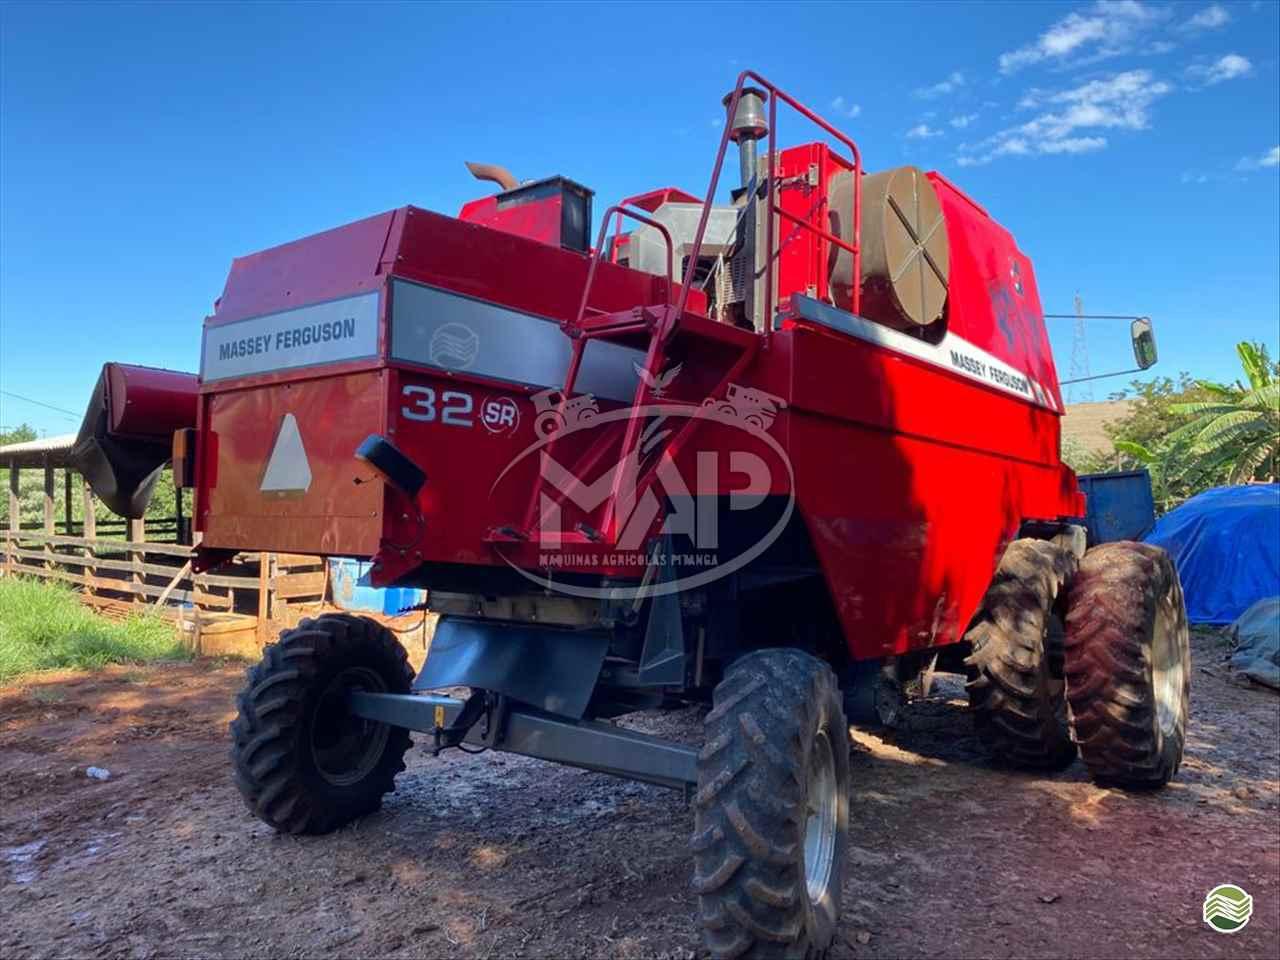 COLHEITADEIRA MASSEY FERGUSON MF 32 Máquinas Agrícolas Pitanga PITANGA PARANÁ PR